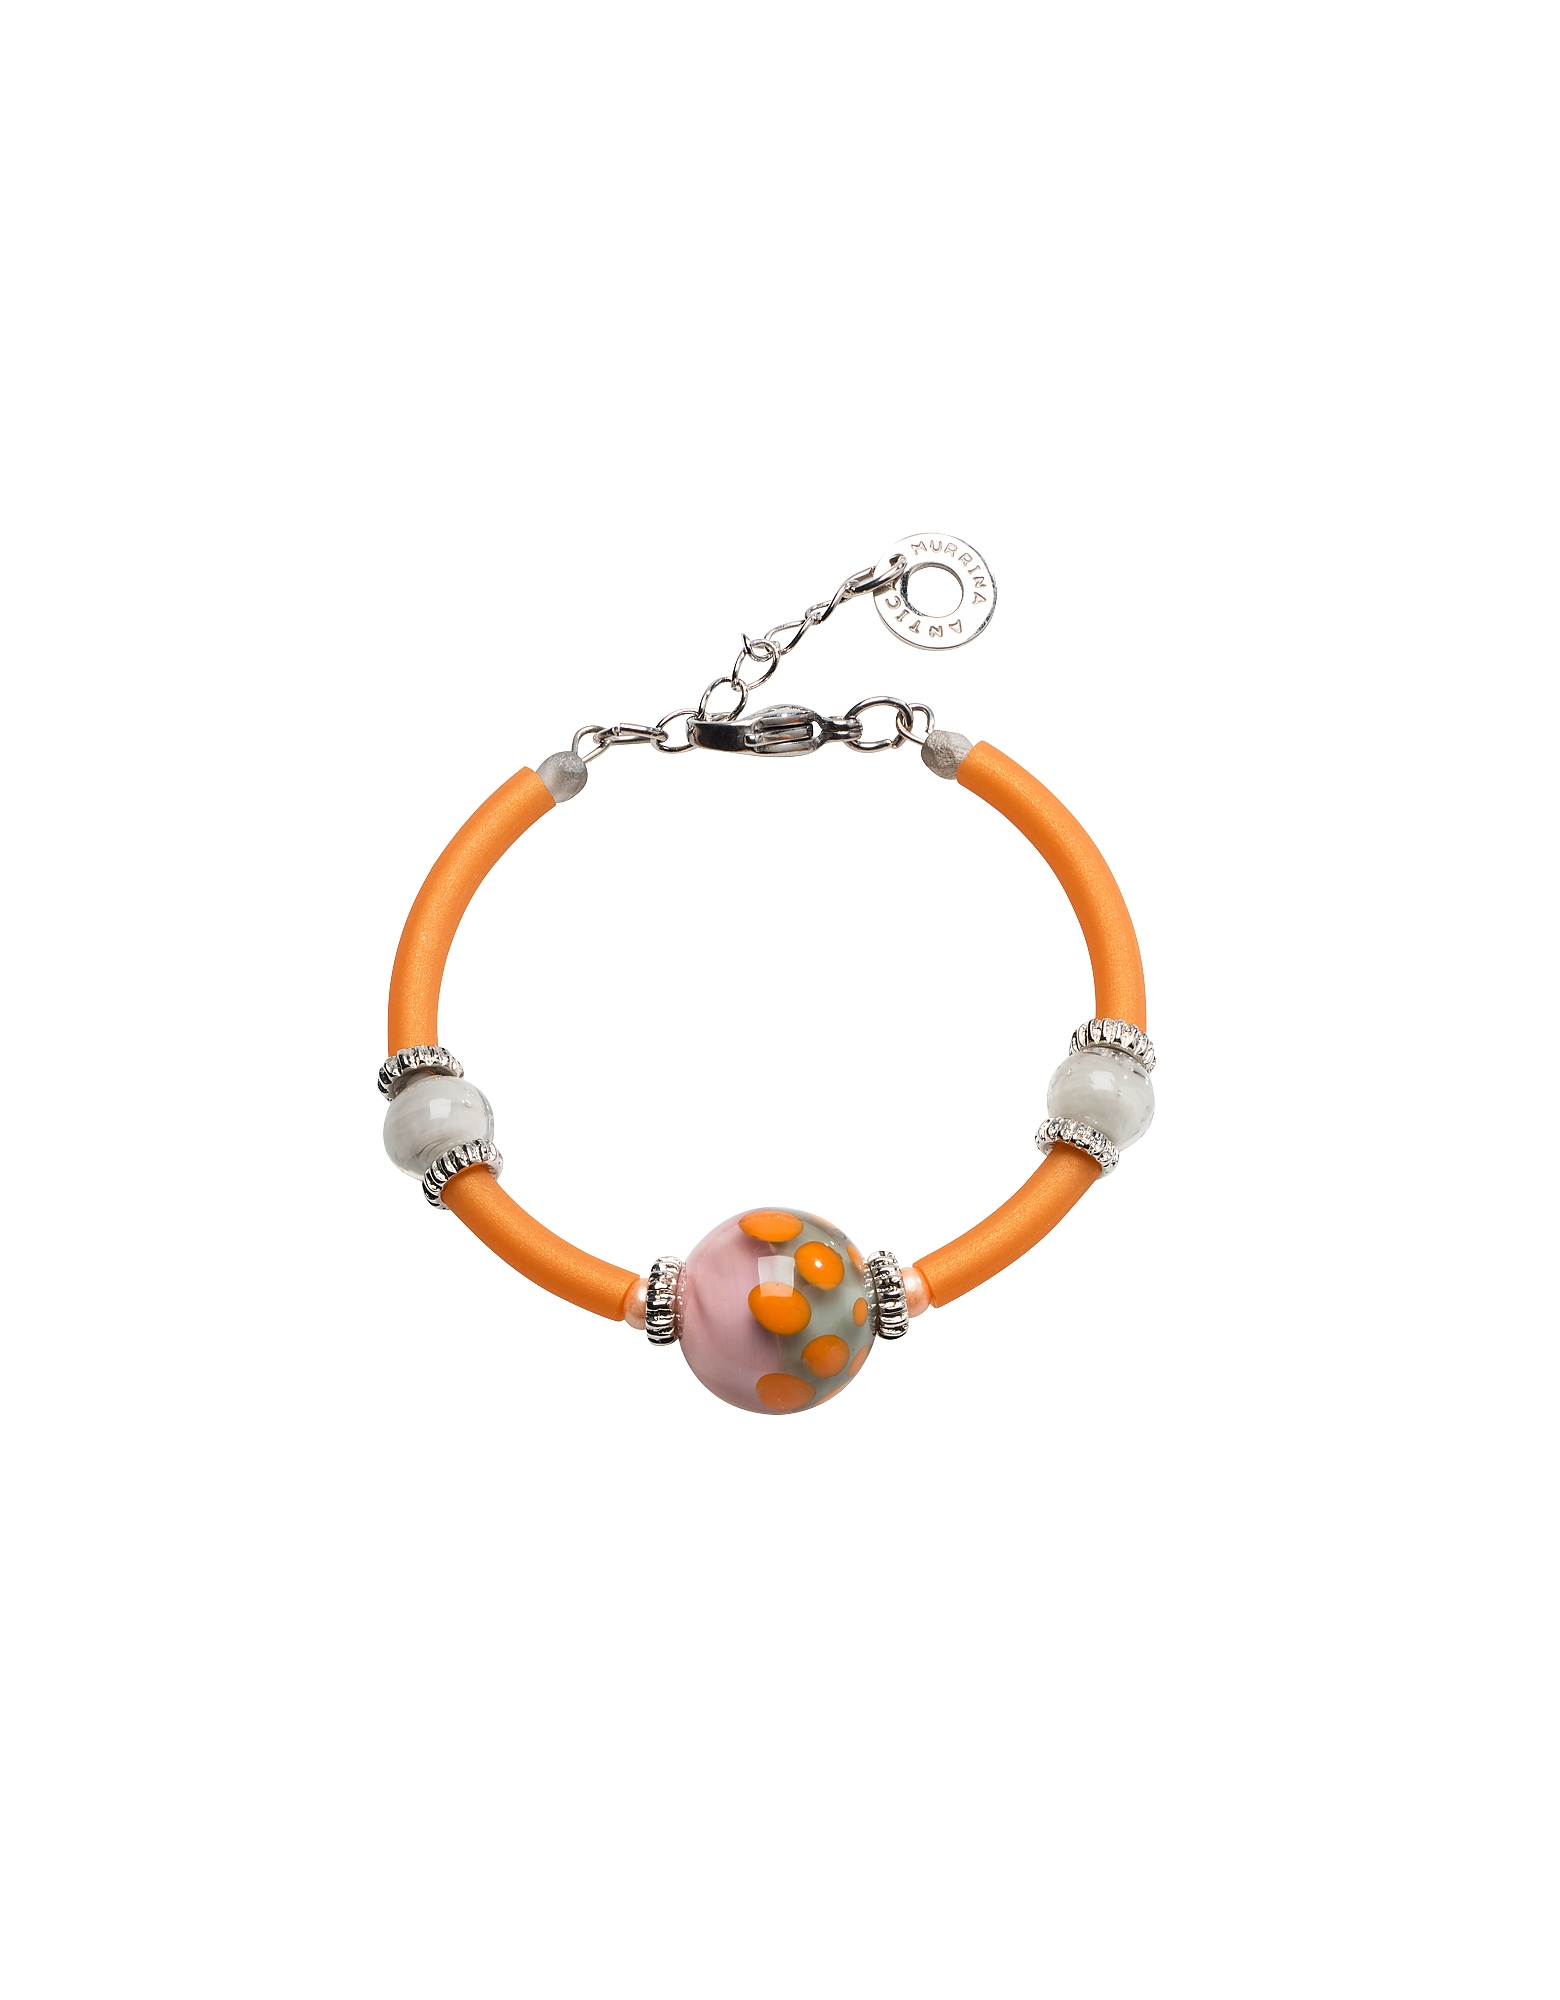 Papaya 2 - Пастельно-Оранжевый Браслет из Стекла Мурано